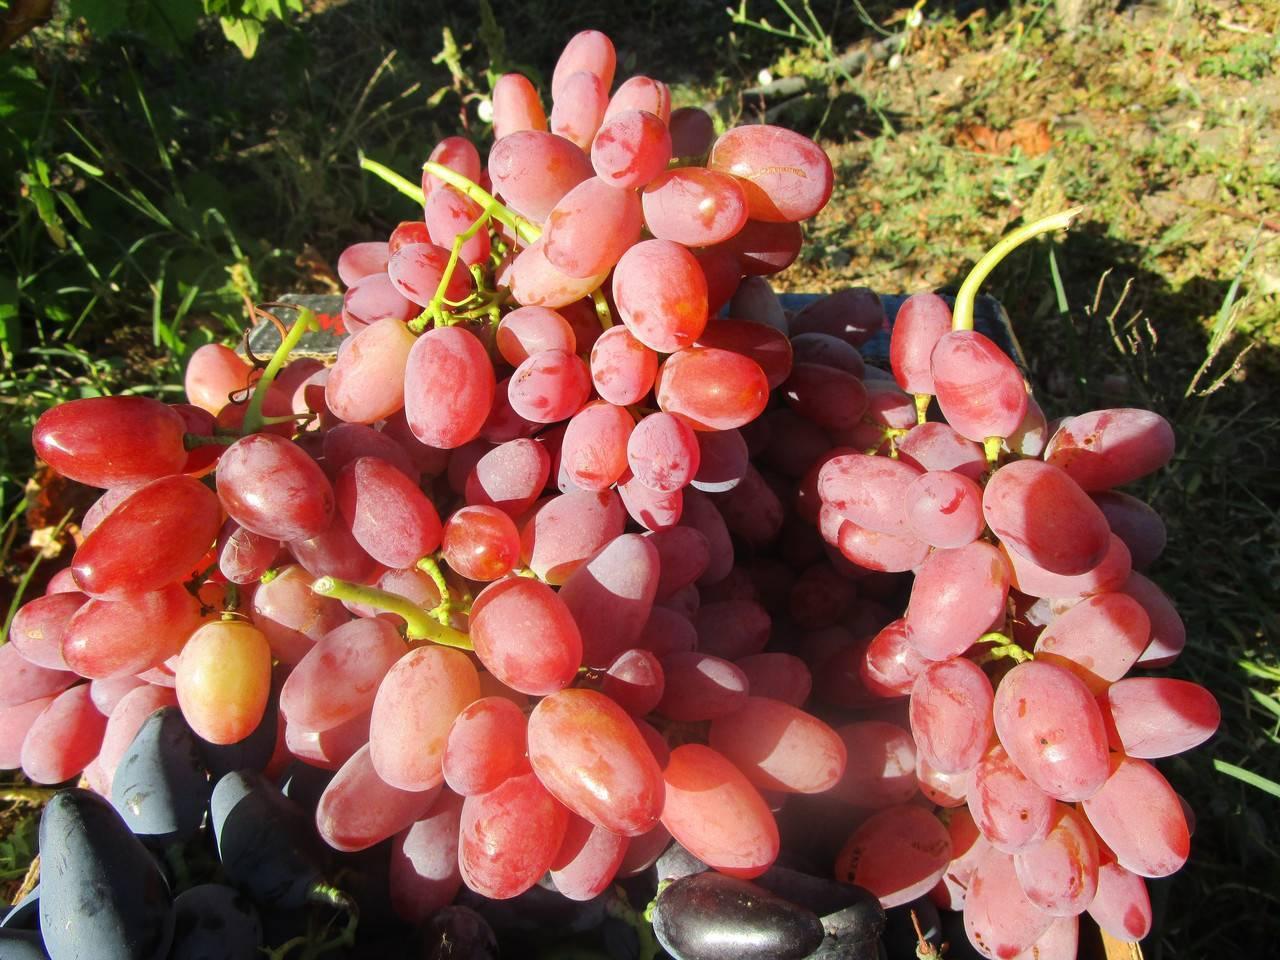 Виноград сорта гелиос: розовый вариант легендарной аркадии